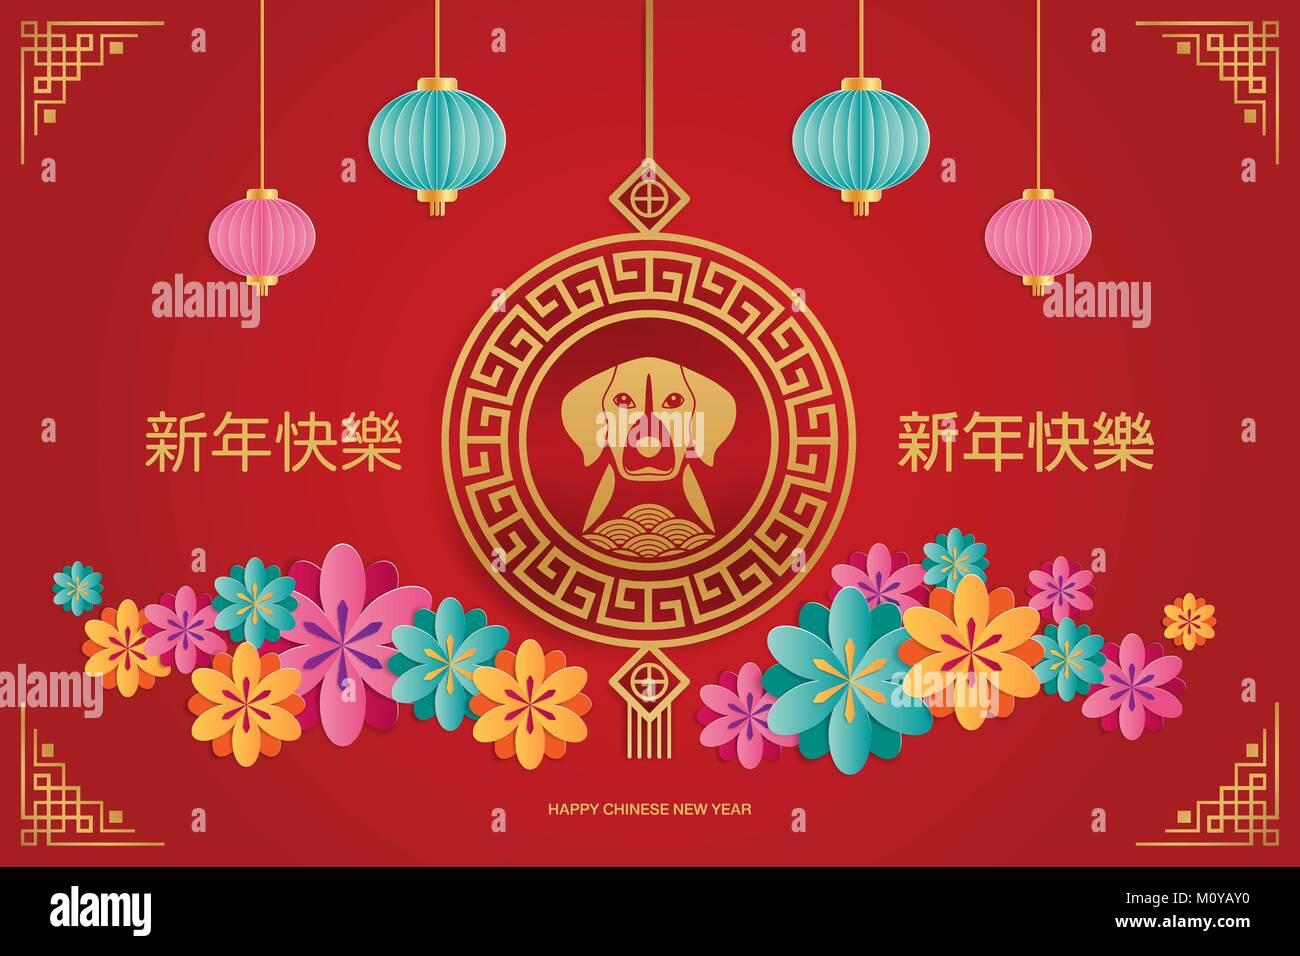 Поздравительные открытки и новогодние картинки с китайским 25